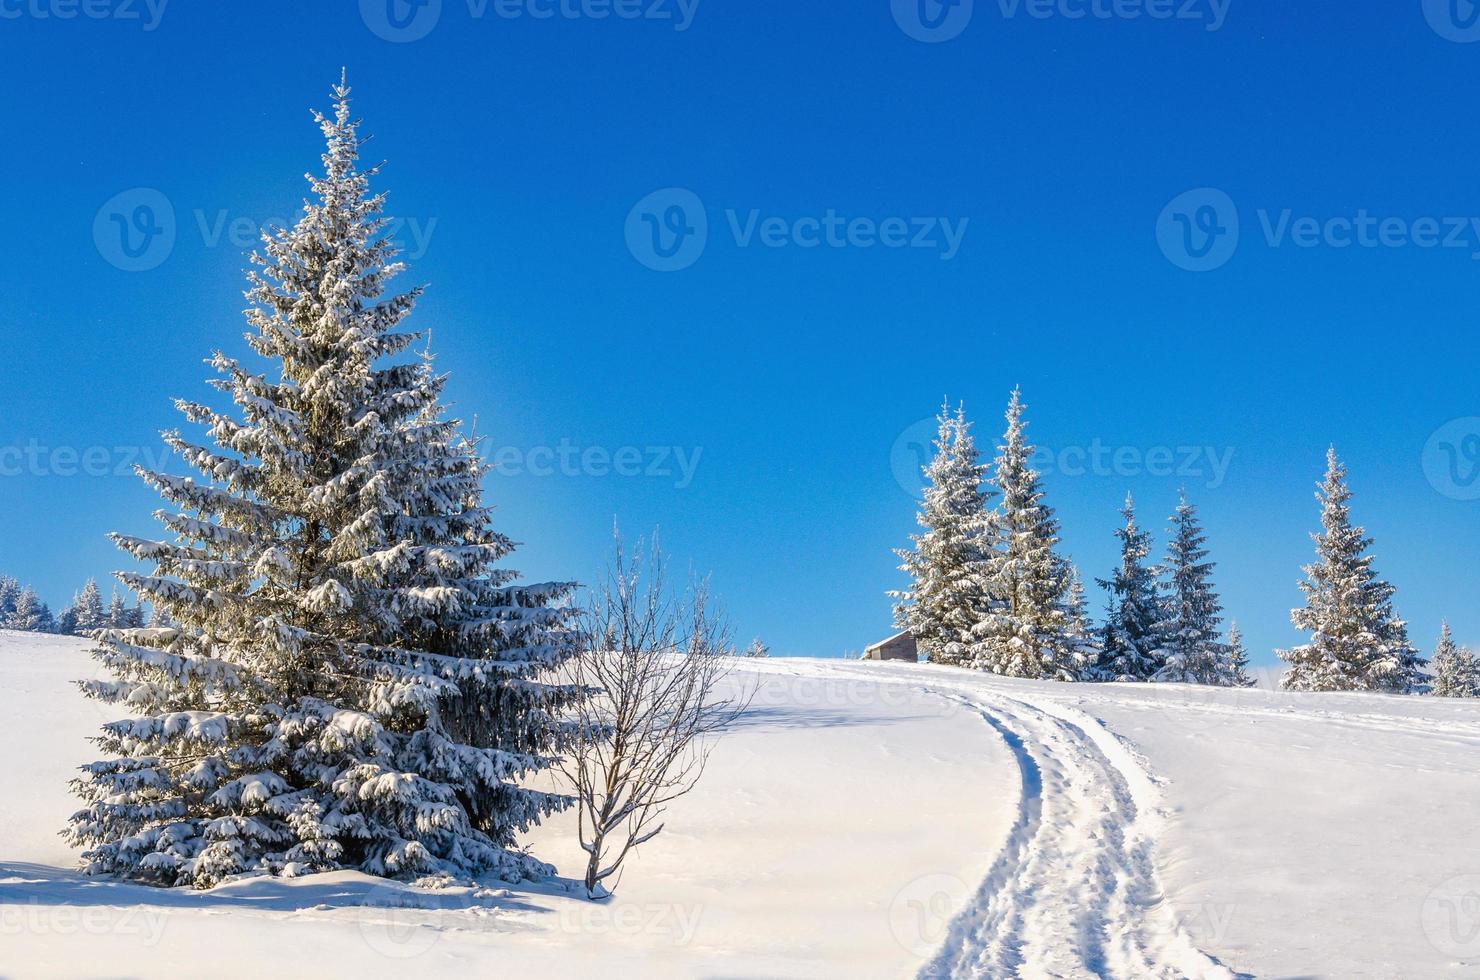 märchenhafte Winterlandschaft mit schneebedeckten Bäumen foto